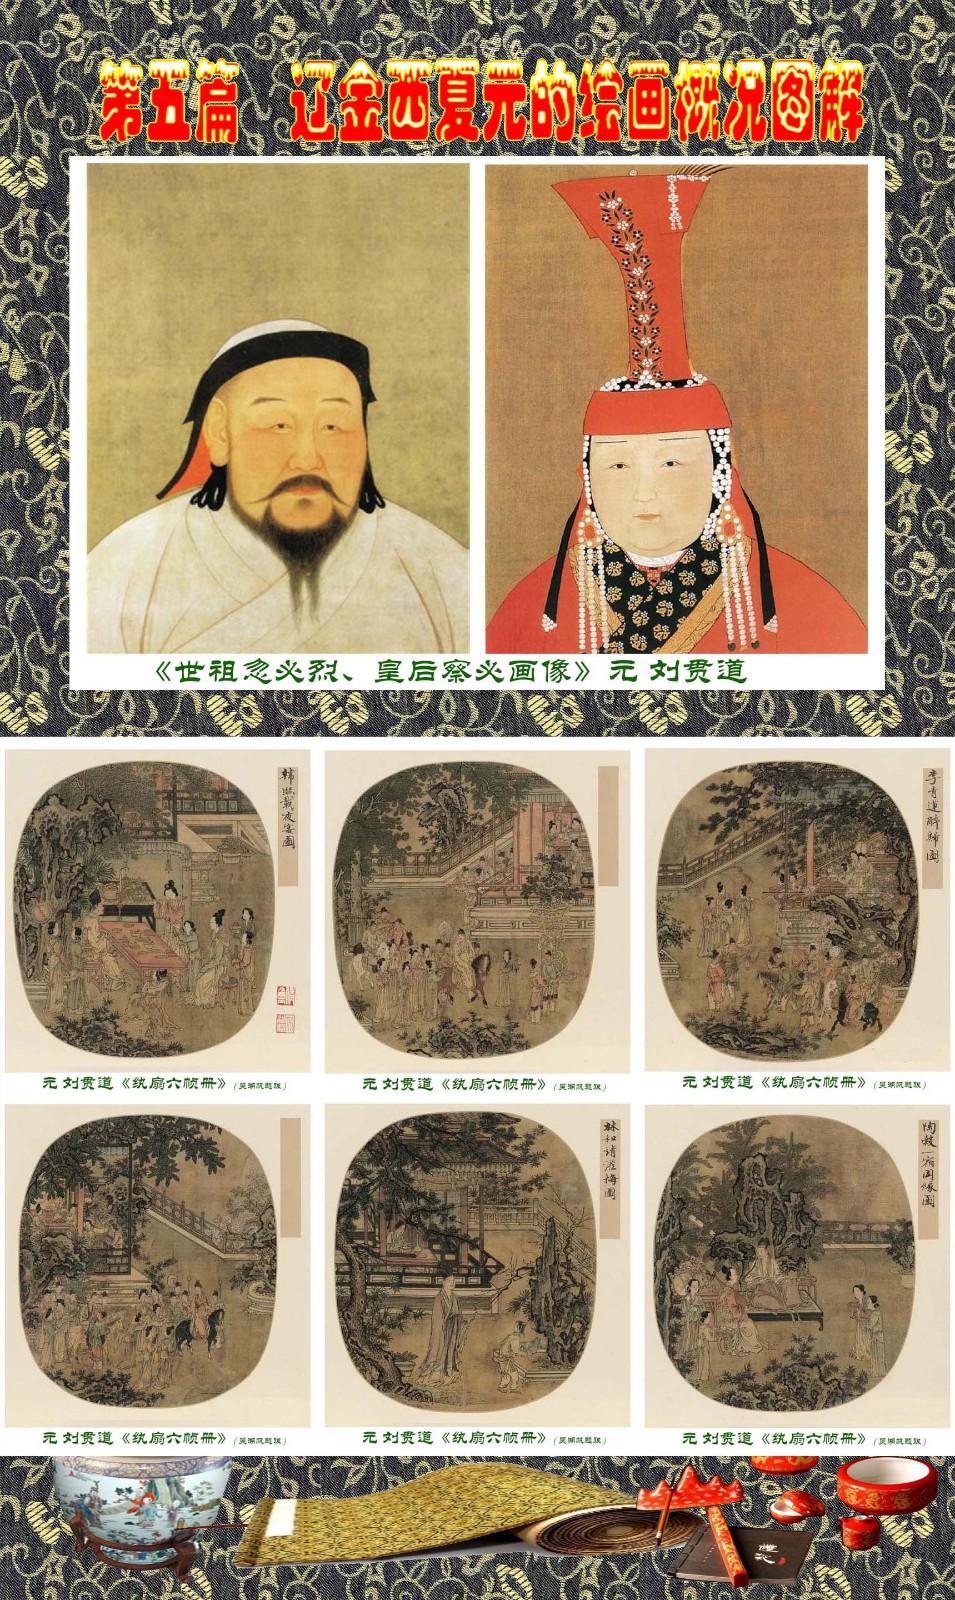 顾绍骅编辑 中国画知识普及版 第五篇 辽金西夏元的绘画概况 下 ... ..._图1-20